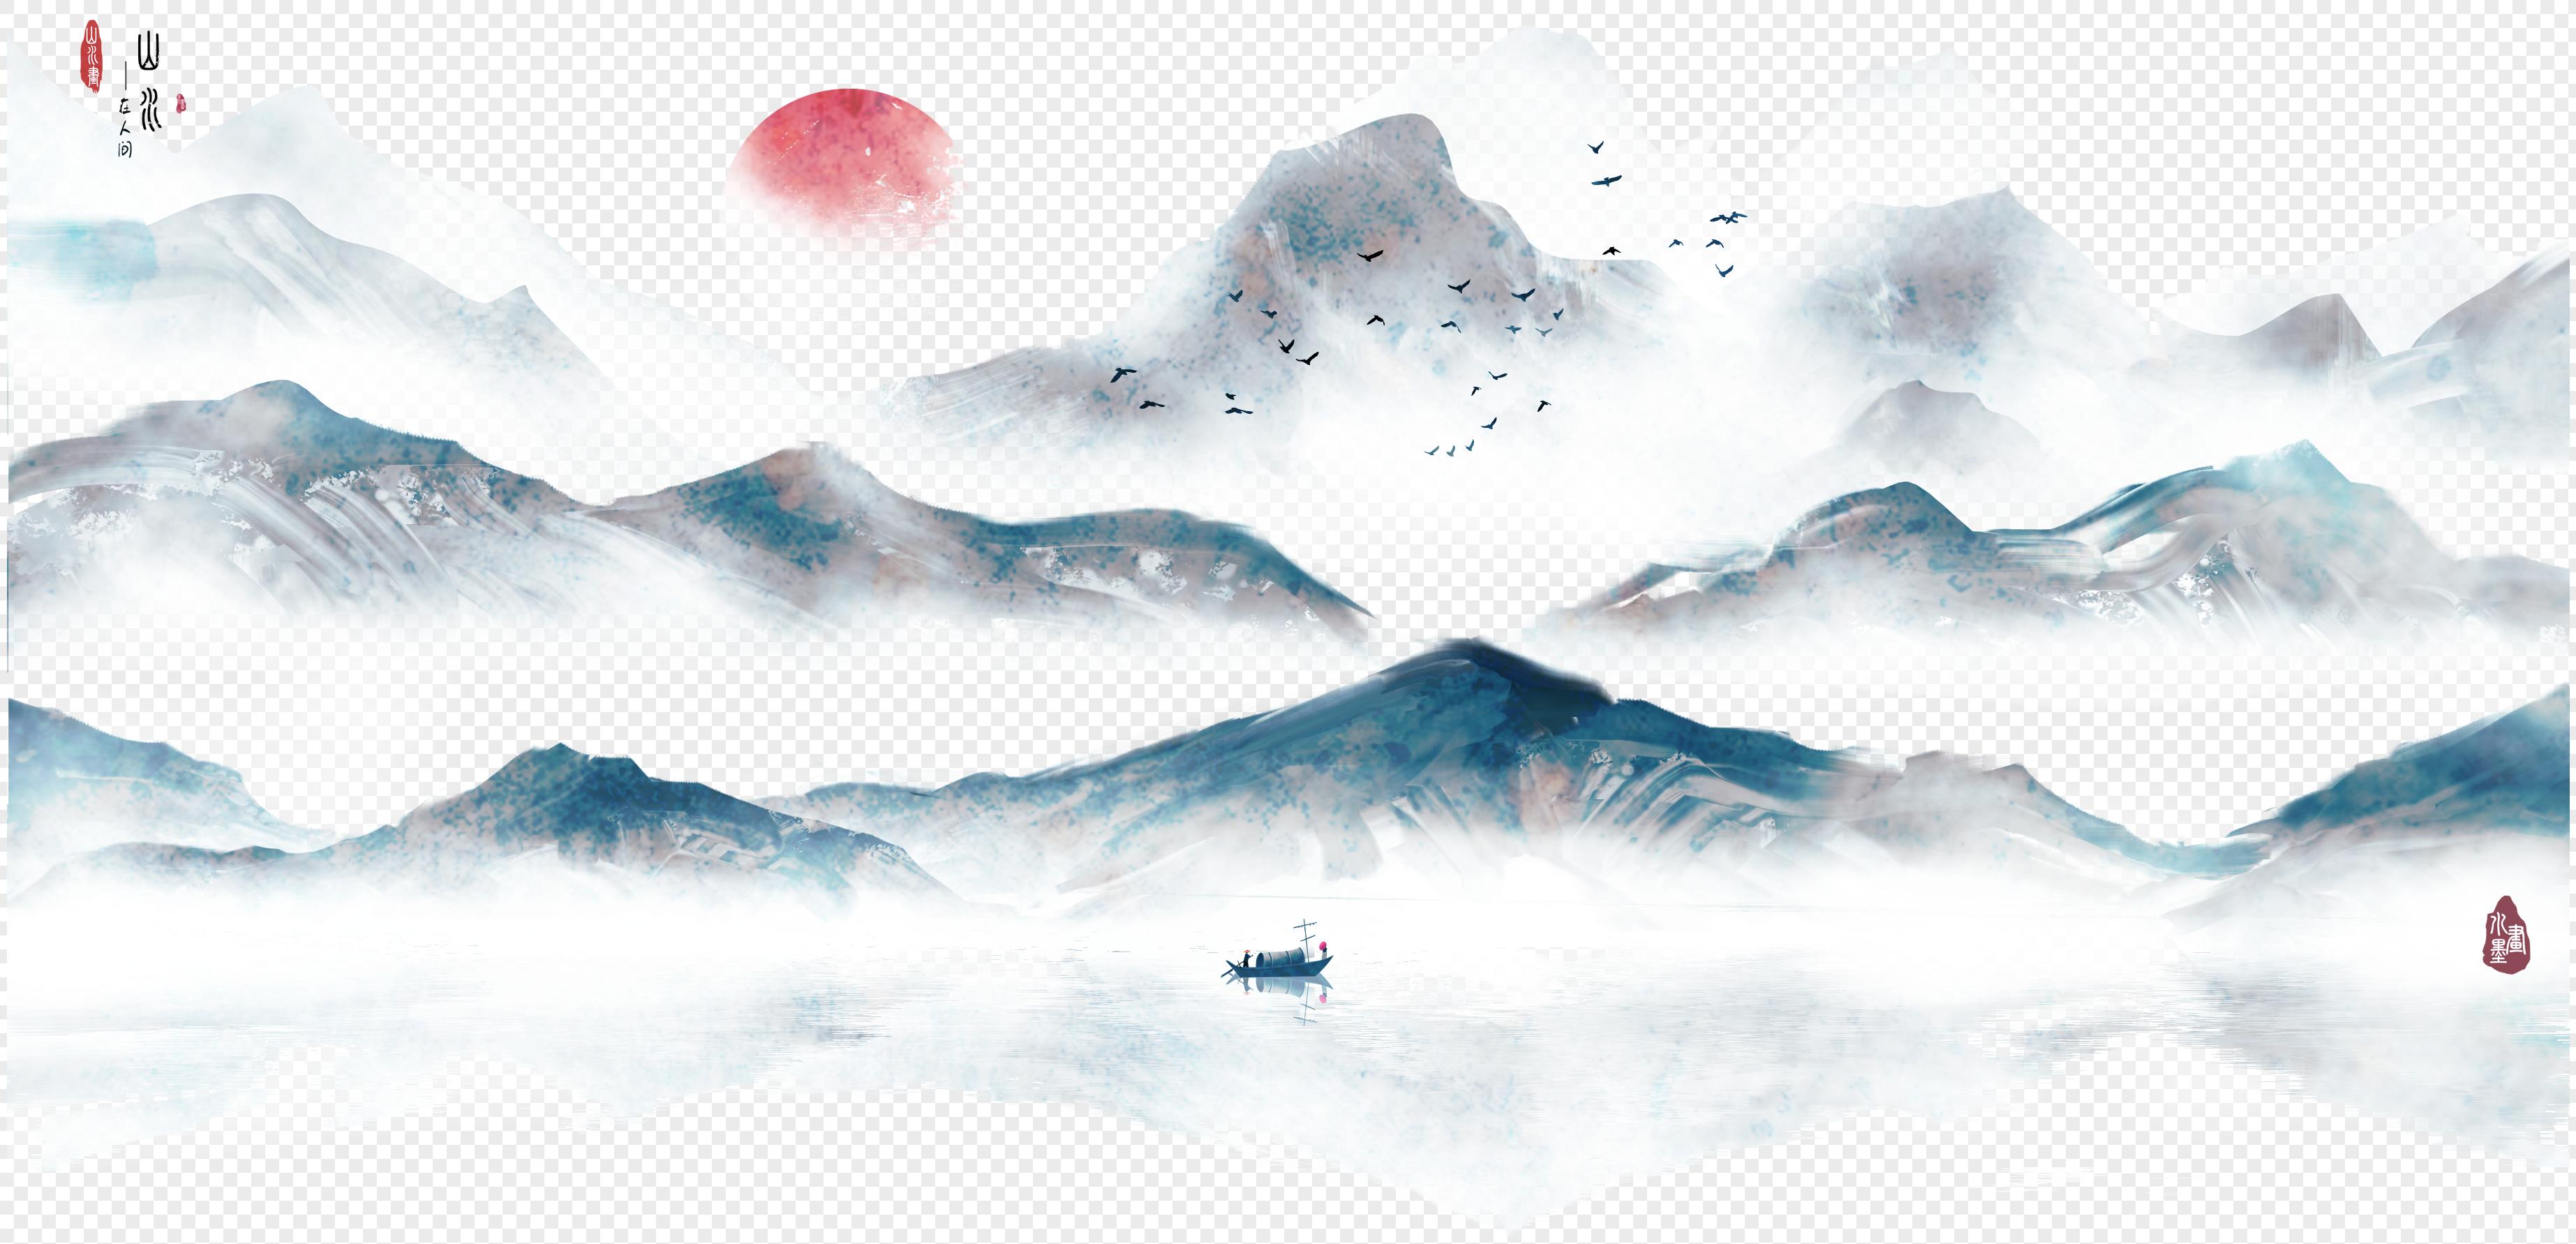 中国风水墨山水画图片素材编号400263195_prf高清图片